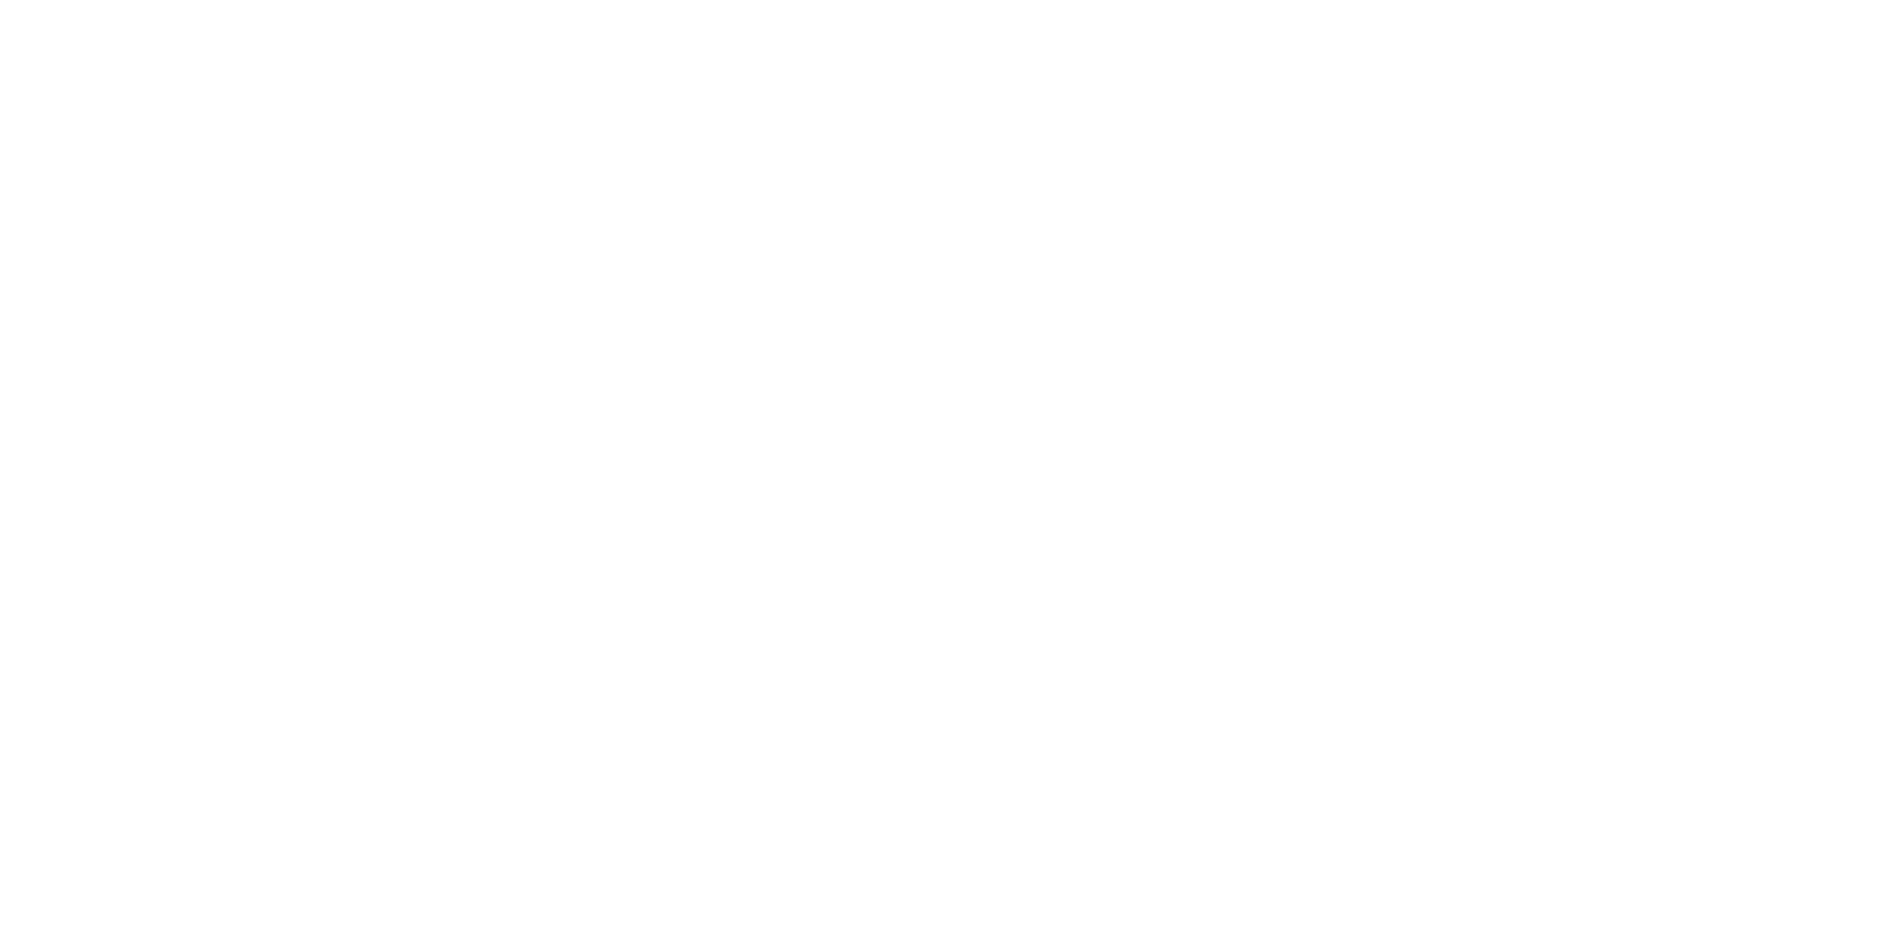 productos mas visitados en pagina web